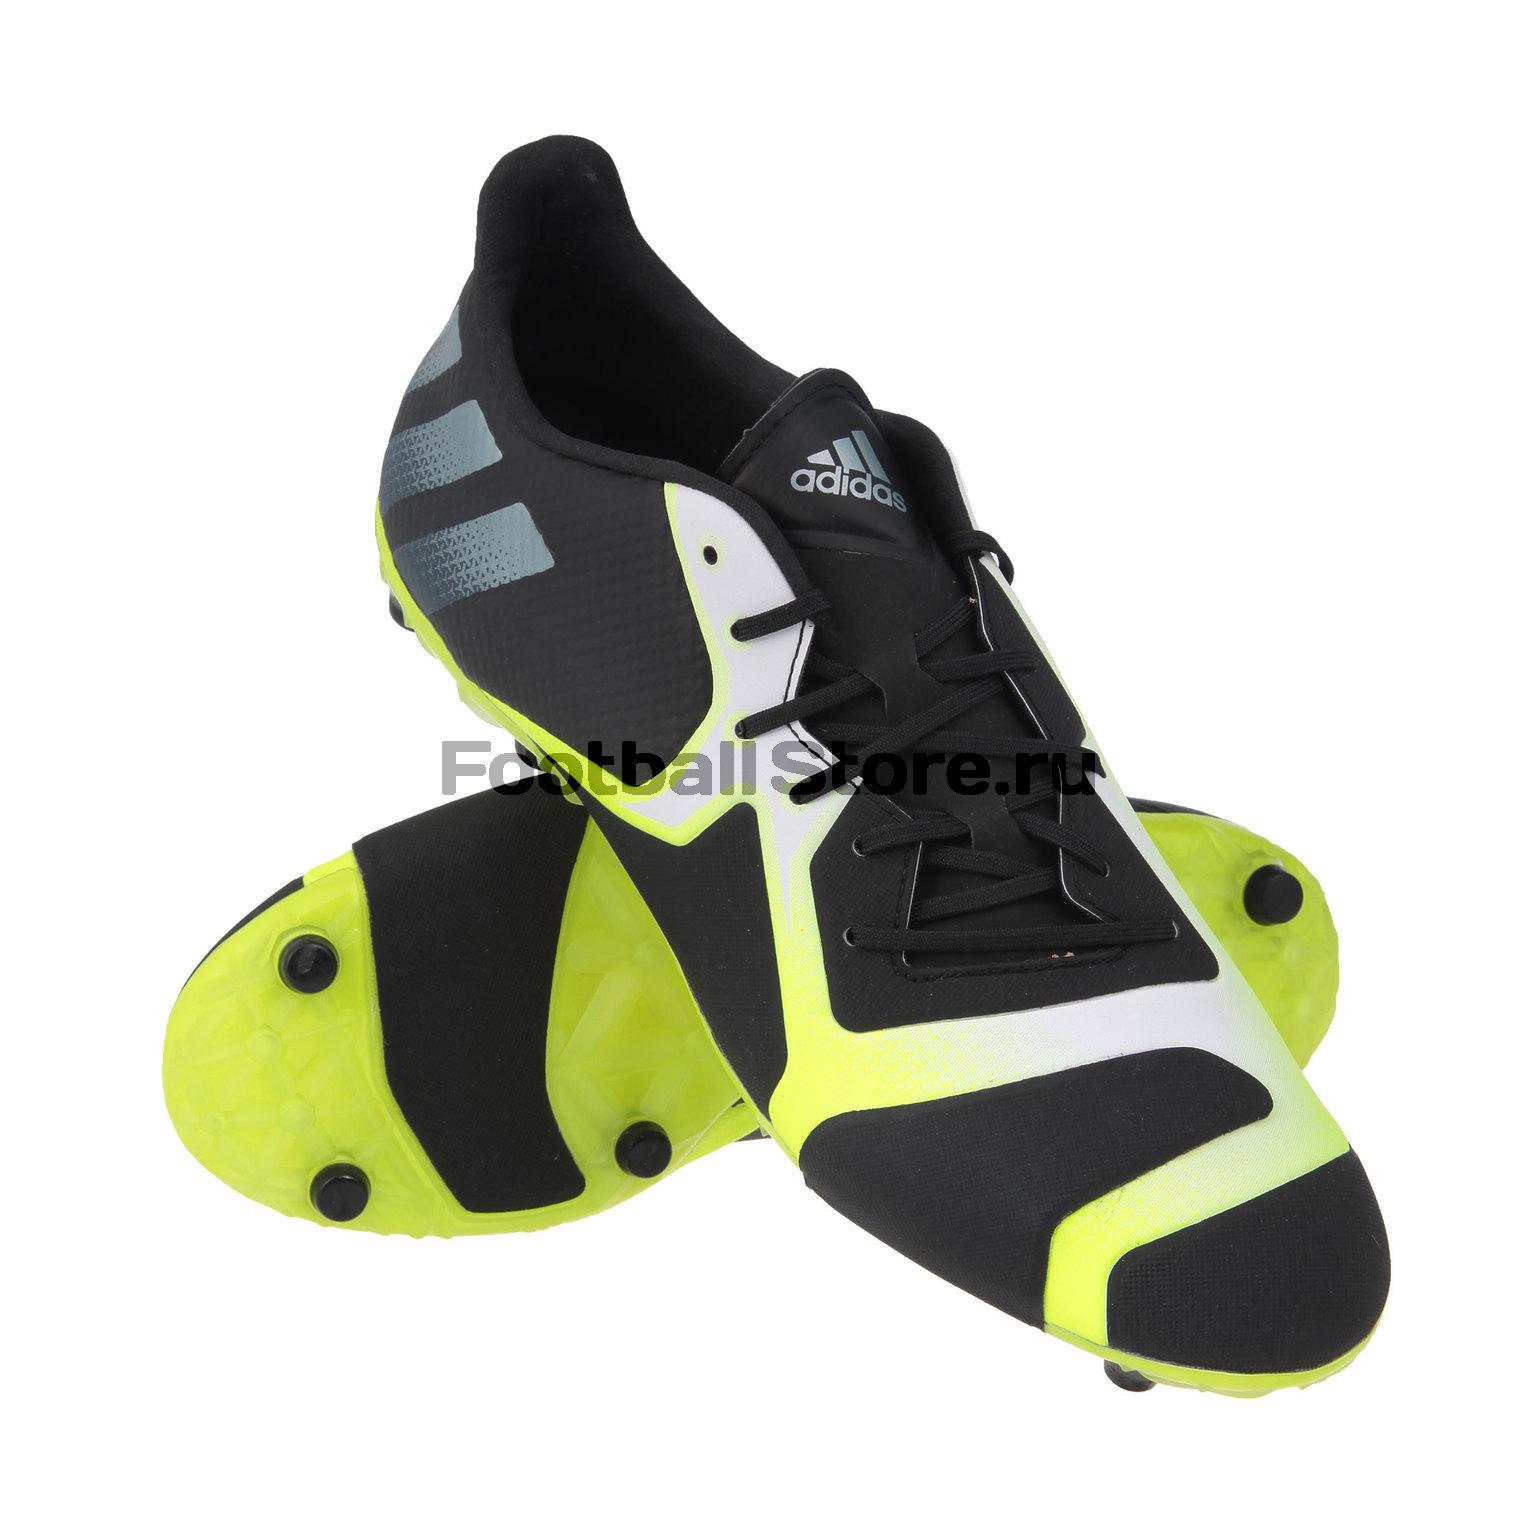 Бутсы Adidas Ace 16+ TKRZ S31928 adidas adidas ace 16 1 ct